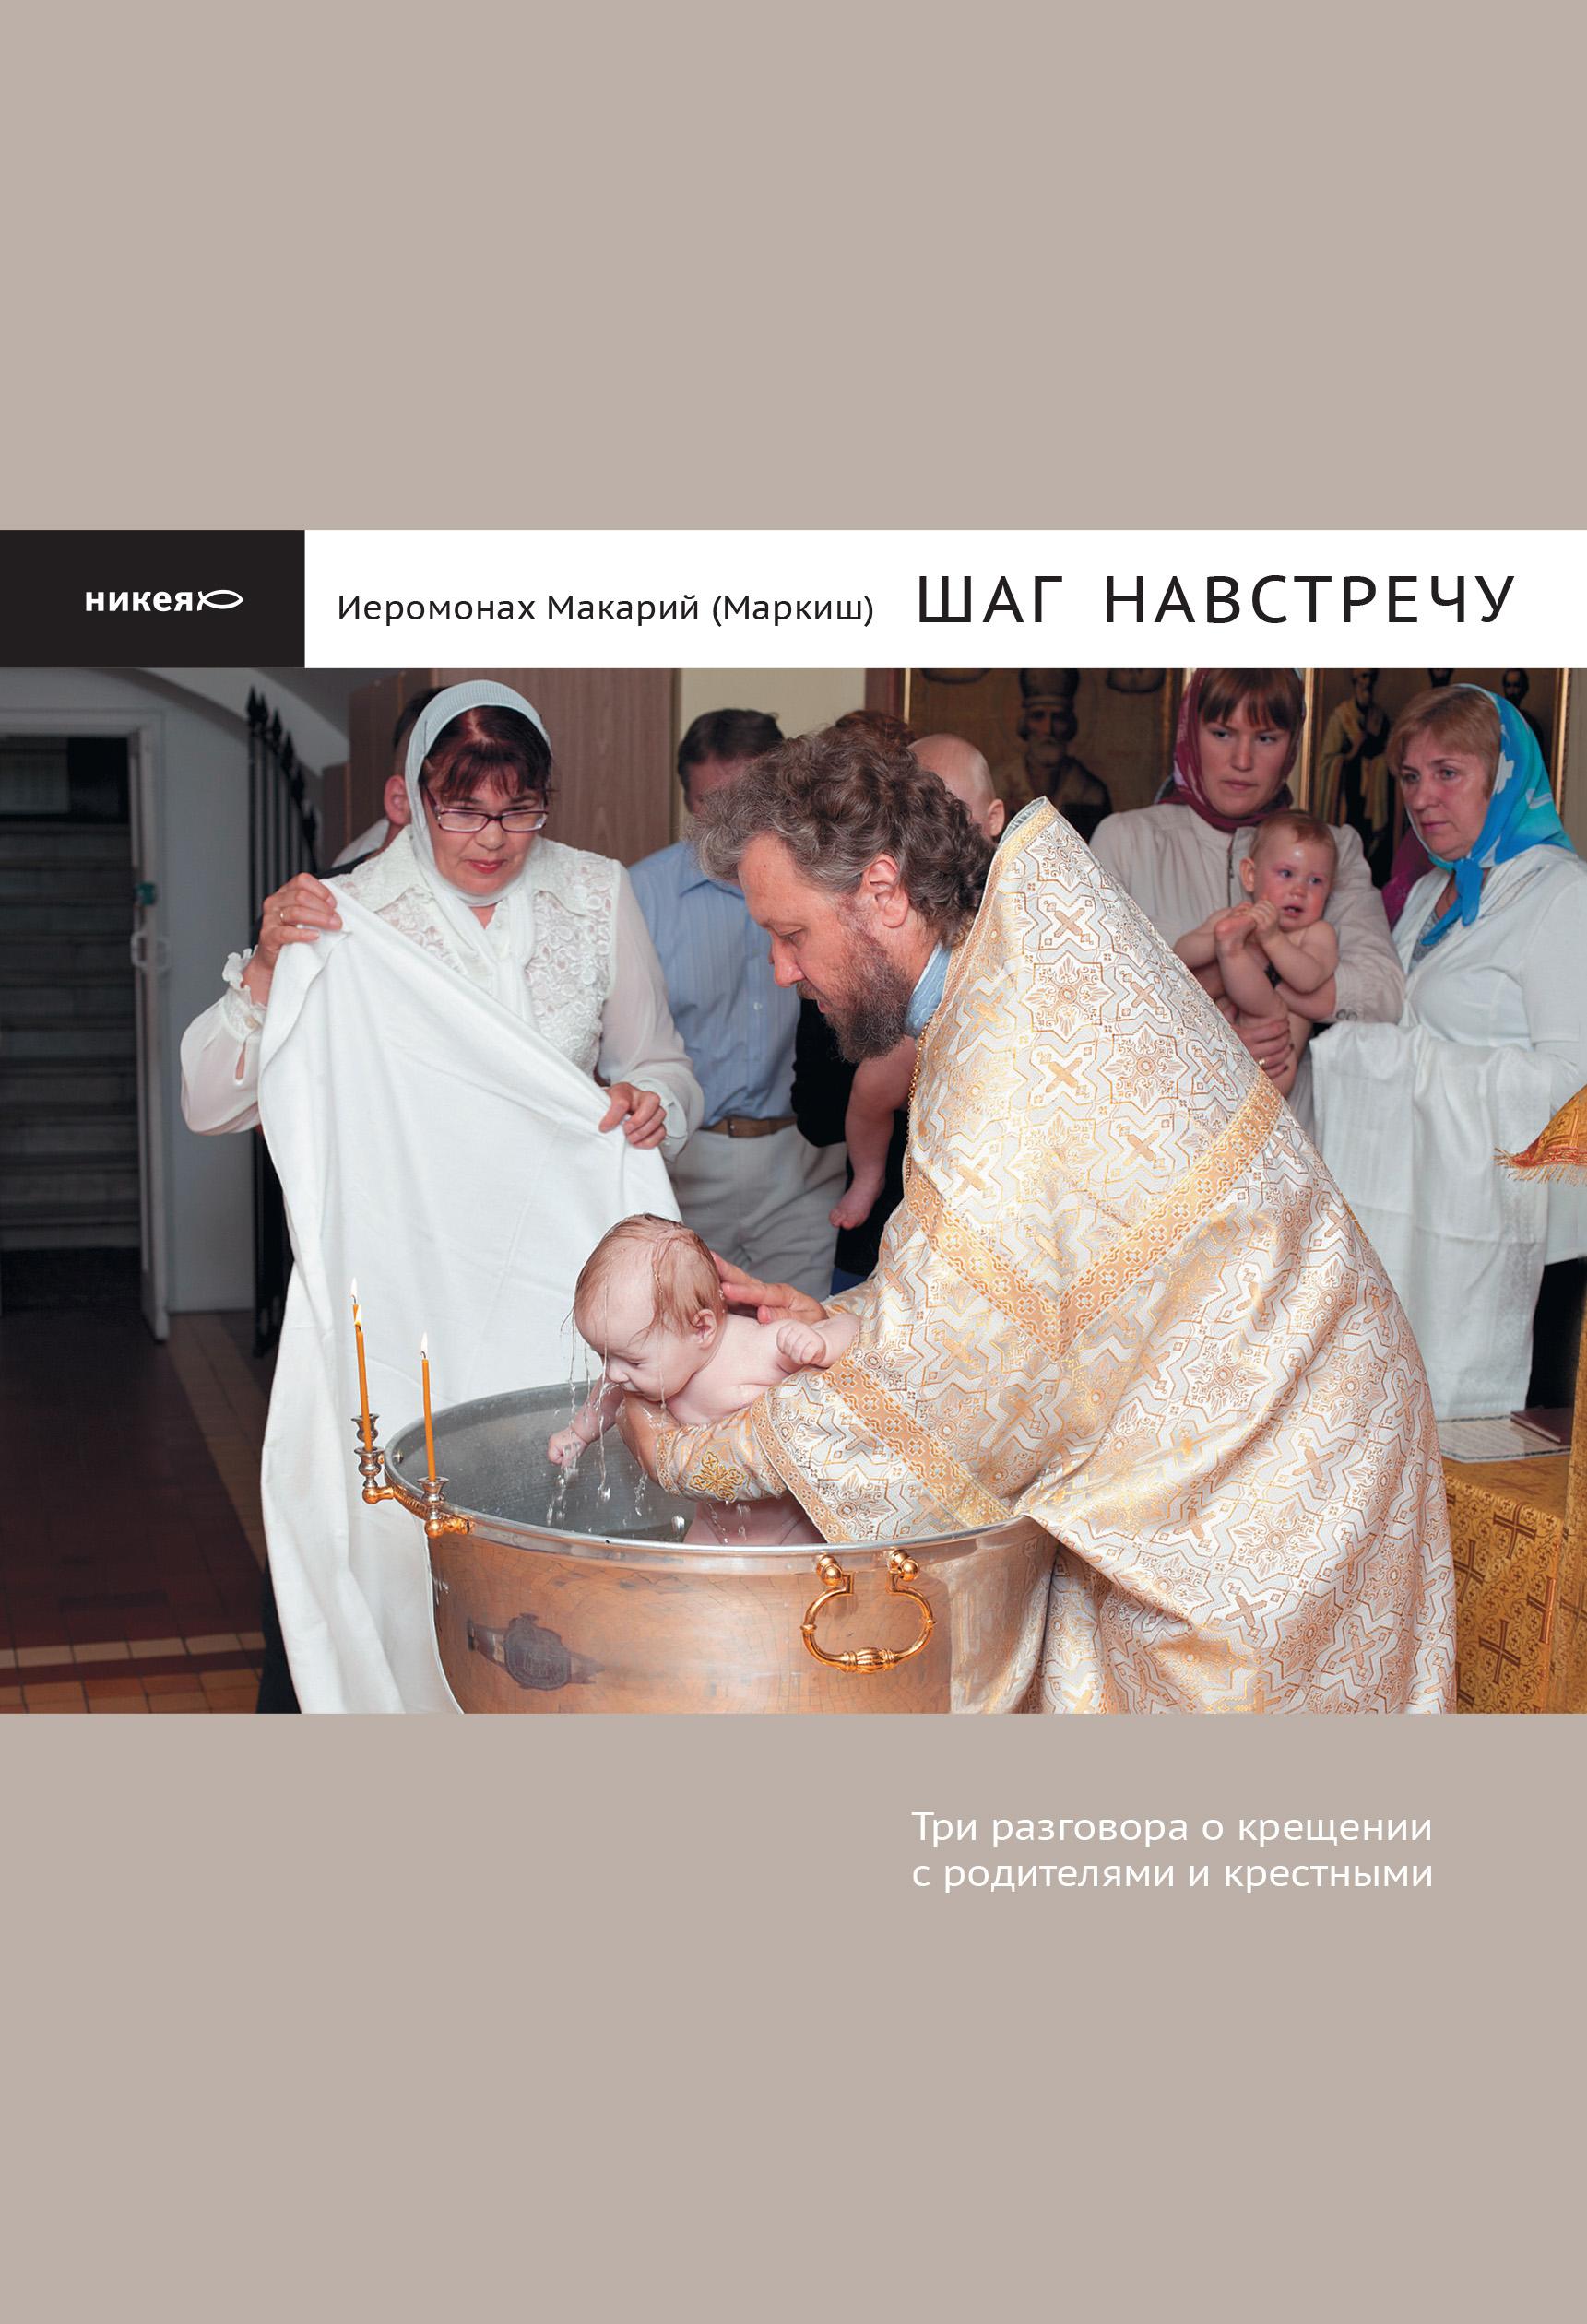 Фото - иеромонах Макарий (Маркиш) Шаг навстречу: Три разговора о крещении с родителями и крестными шаг навстречу три разговора о крещении с родителями и крестными